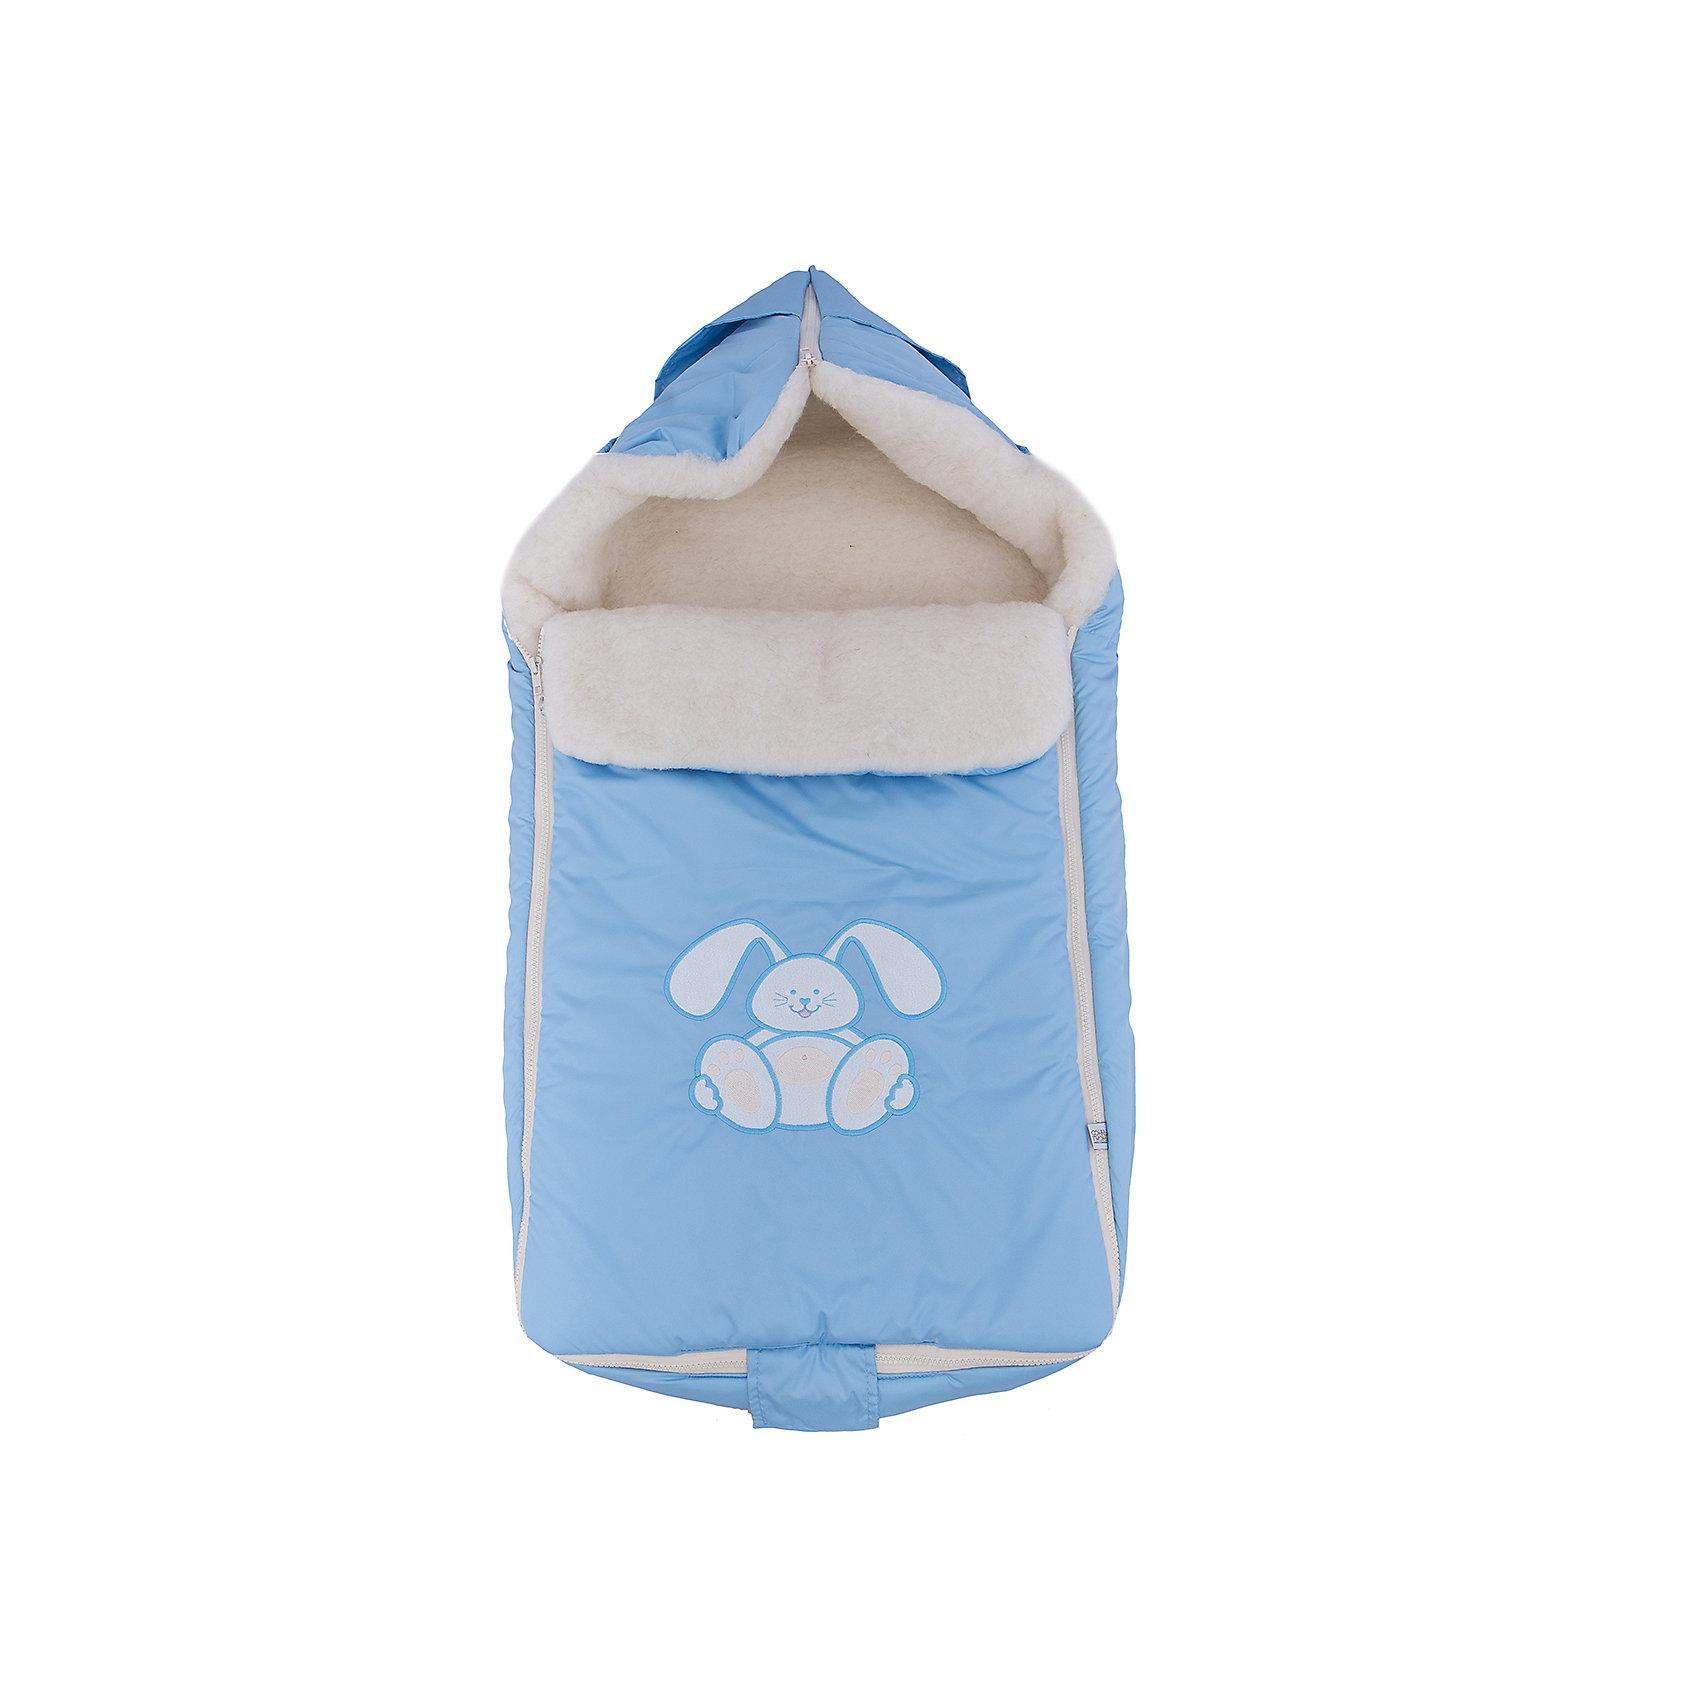 Конверт меховой Зайчик, Сонный гномик, голубойХарактеристики:<br><br>• Вид детского текстиля: конверт<br>• Предназначение: для прогулки, на выписку<br>• Сезон: зима<br>• Форма конверта: мешок<br>• Утеплитель: шелтер, 200 г/кв.м<br>• Степень утепления: высокая<br>• Температурный режим: от 0? С до -20? С<br>• Пол: для мальчика<br>• Тематика рисунка: зайчонок<br>• Материал: дюспо (100% полиэстер); натуральная овечья шерсть<br>• Цвет: голубой, белый<br>• Размеры: 45*80 см<br>• По бокам имеются застежки-молнии<br>• Застежка-молния на капюшоне<br>• Вес в упаковке: 740 г<br>• Особенности ухода: допускается щадящая химчистка или деликатная стирка <br><br>Конверт меховой Зайчик, Сонный гномик, голубой от отечественного торгового бренда изготовлен с учетом международных требований к качеству и безопасности товаров для детей. Верх изделия выполнен из 100% полиэстера, который отличается повышенными водоотталкивающими и непродуваемыми свойствами. Высокую степень утепления обеспечивает гипоаллергенный шелтер и натуральная овечья шерсть. Конверт выполнен в форме мешка, для удобства одевания по бокам предусмотрены застежки-молнии. Капюшон формируется молнией, на передней полочке предусмотрен отворот, который при необходимости защищает личико малыша от ветра и холодного воздуха. Изделие выполнено в ярком дизайне: ярко голубой фон, на котором по центру расположена аппликация милого зайчонка.<br><br>Конверт меховой Зайчик, Сонный гномик, голубой можно купить в нашем интернет-магазине.<br><br>Ширина мм: 600<br>Глубина мм: 80<br>Высота мм: 450<br>Вес г: 700<br>Возраст от месяцев: 0<br>Возраст до месяцев: 12<br>Пол: Мужской<br>Возраст: Детский<br>SKU: 4286374